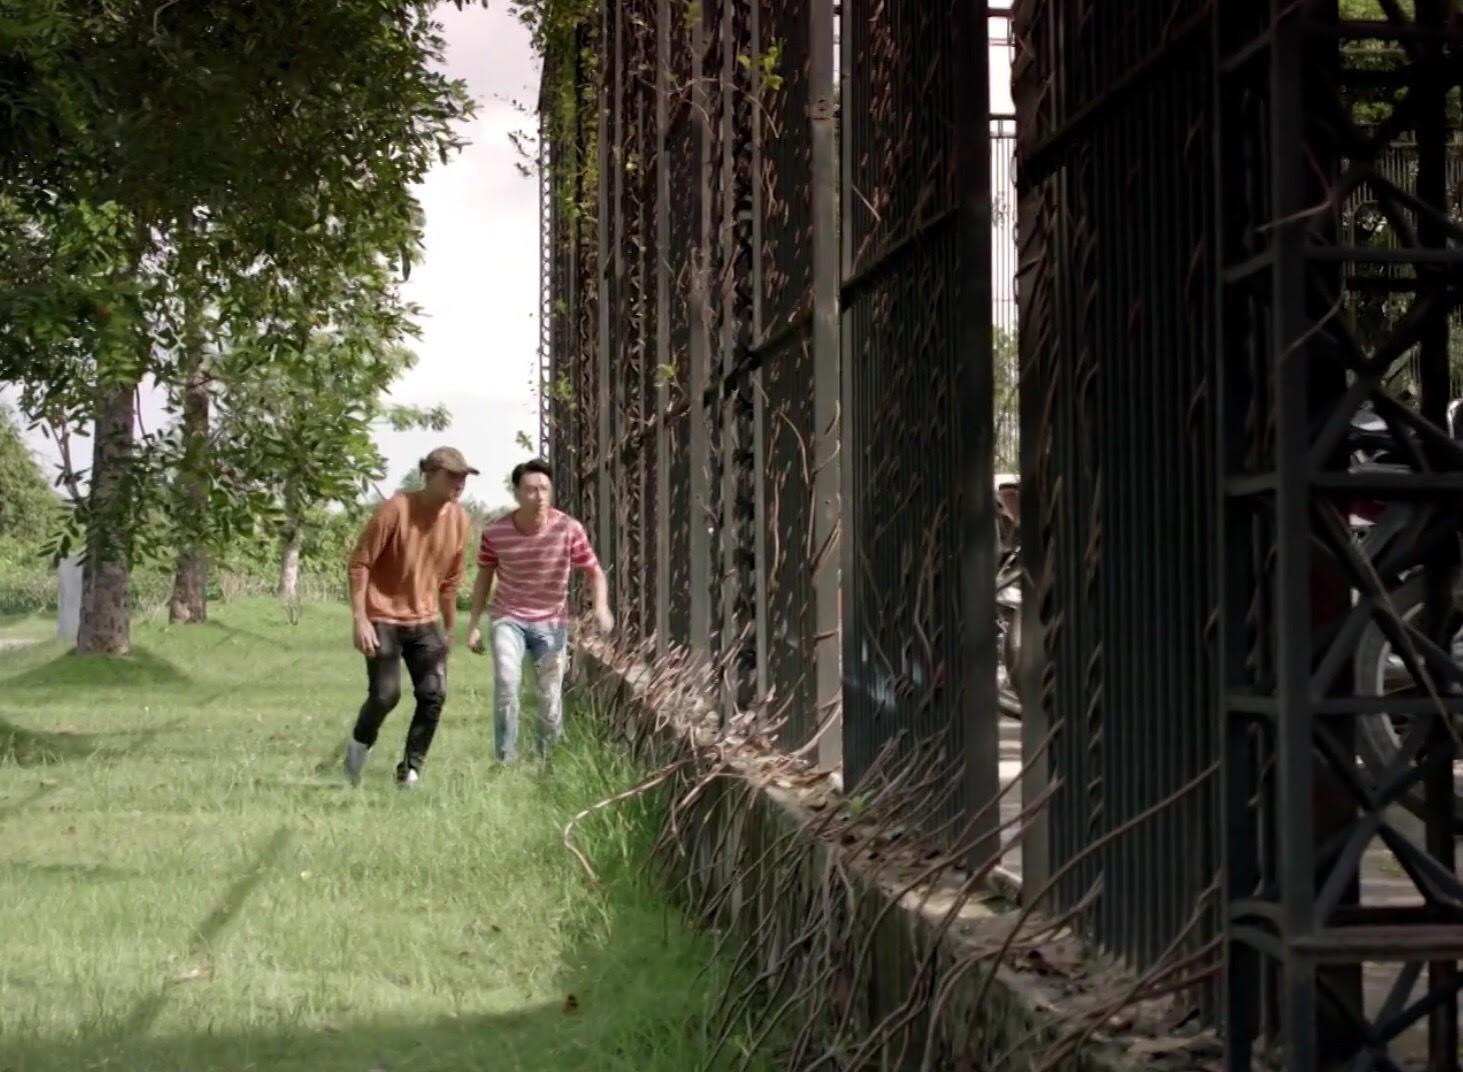 Glee Việt tập áp cuối: Để ủng hộ tinh thần Angela, toàn bộ nữ sinh của Glee đồng loạt mang bầu! - Ảnh 4.